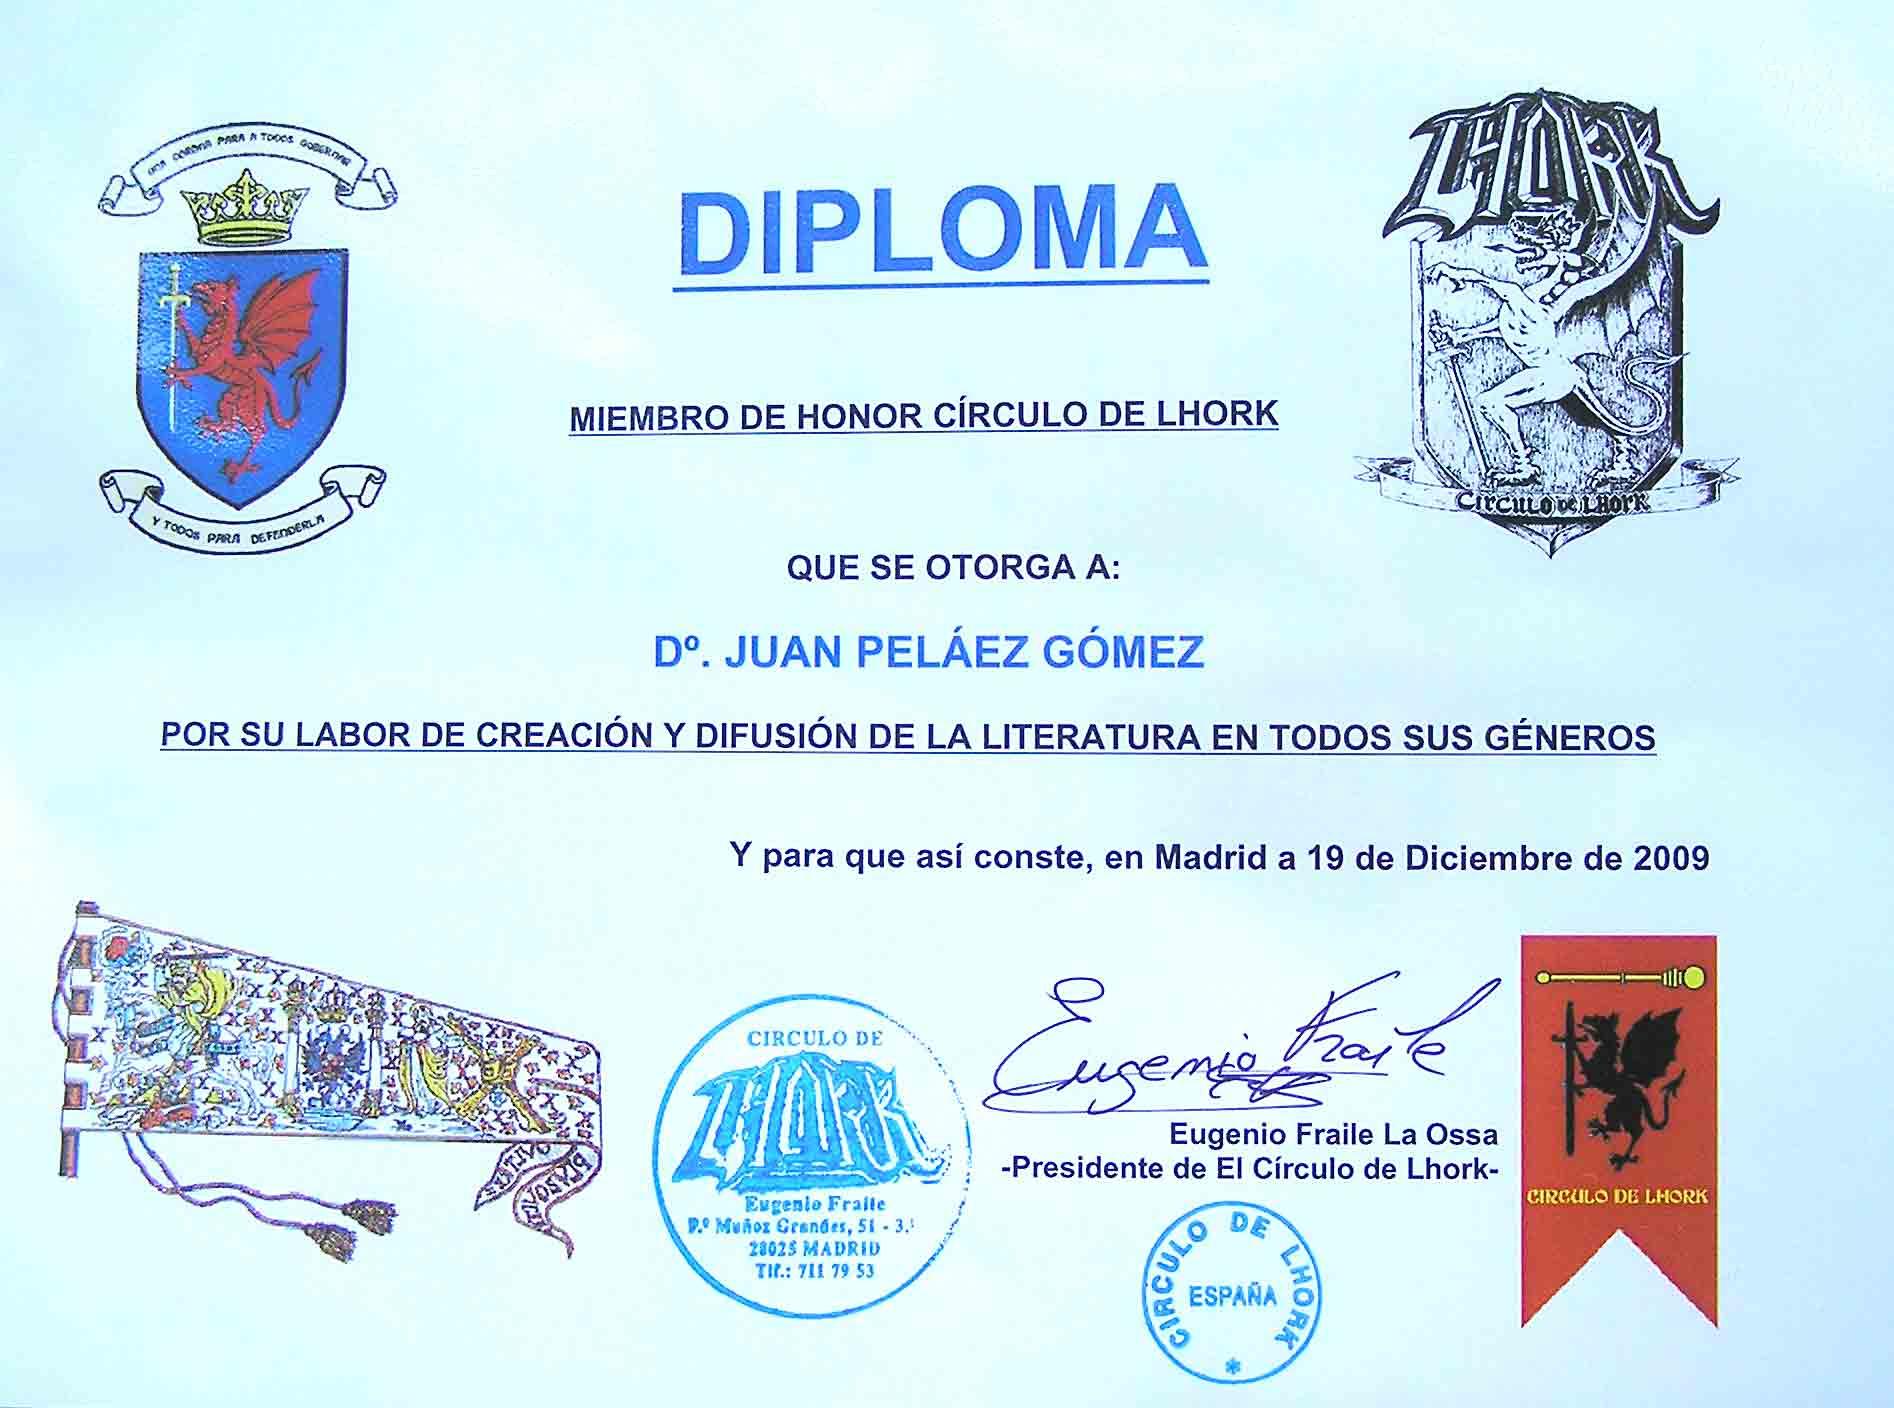 ... diploma que acreditaba al escritor Juan Peláez como miembro de honor